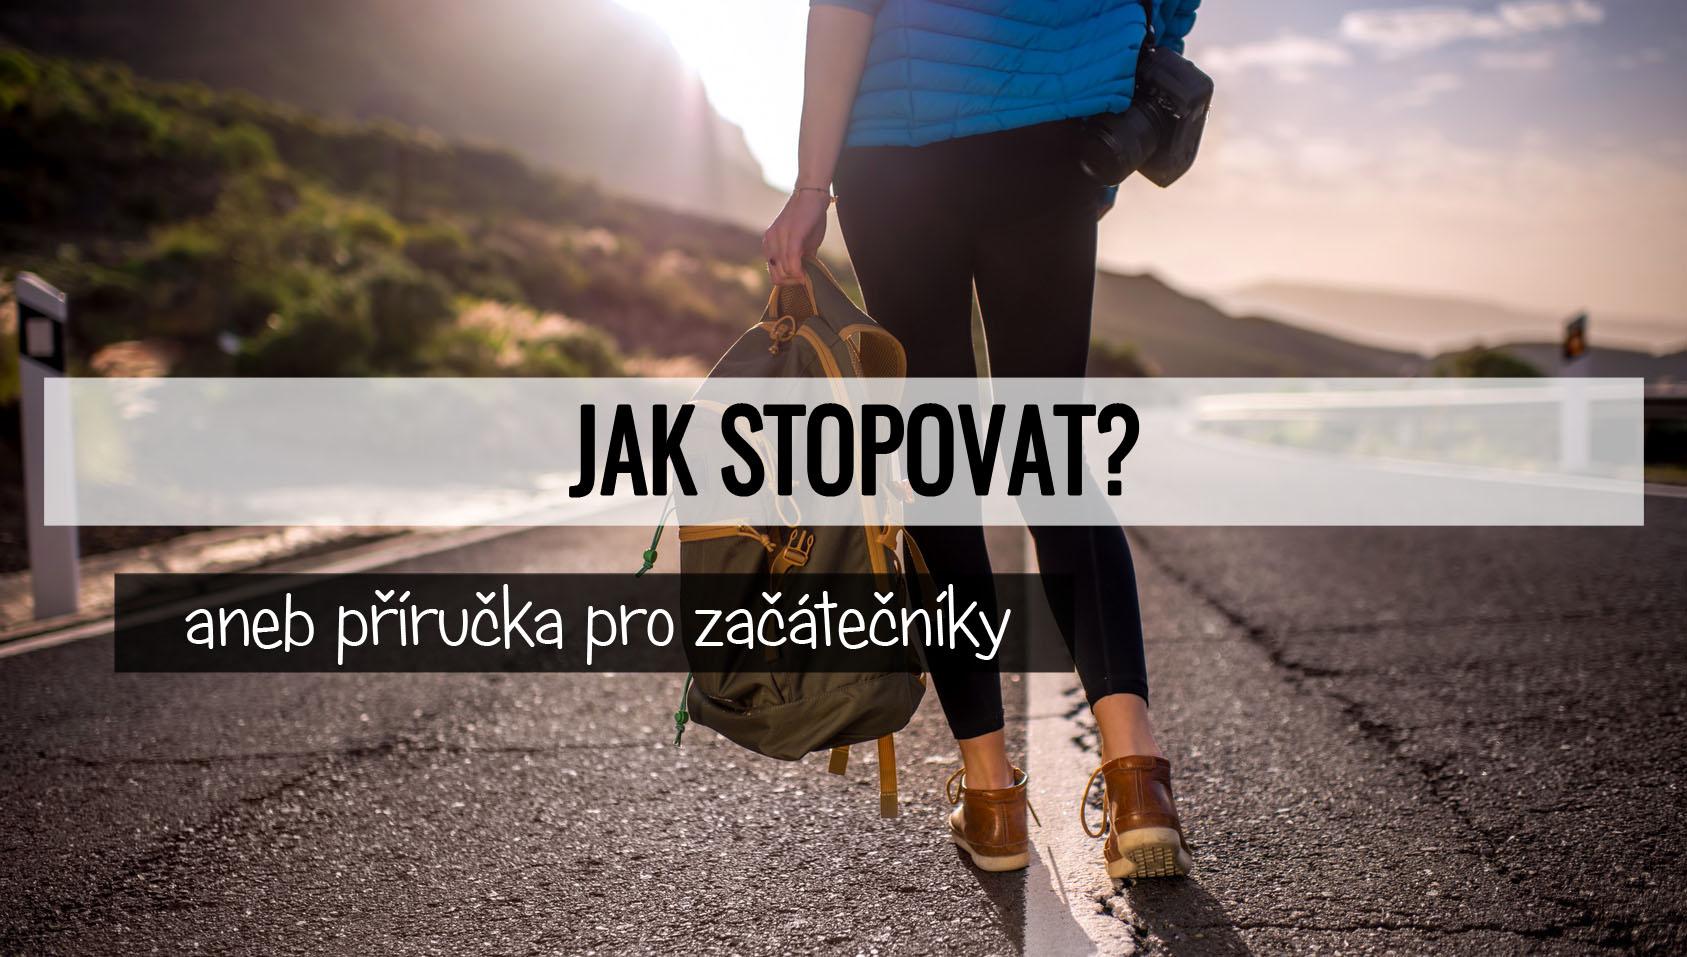 Jak stopovat?